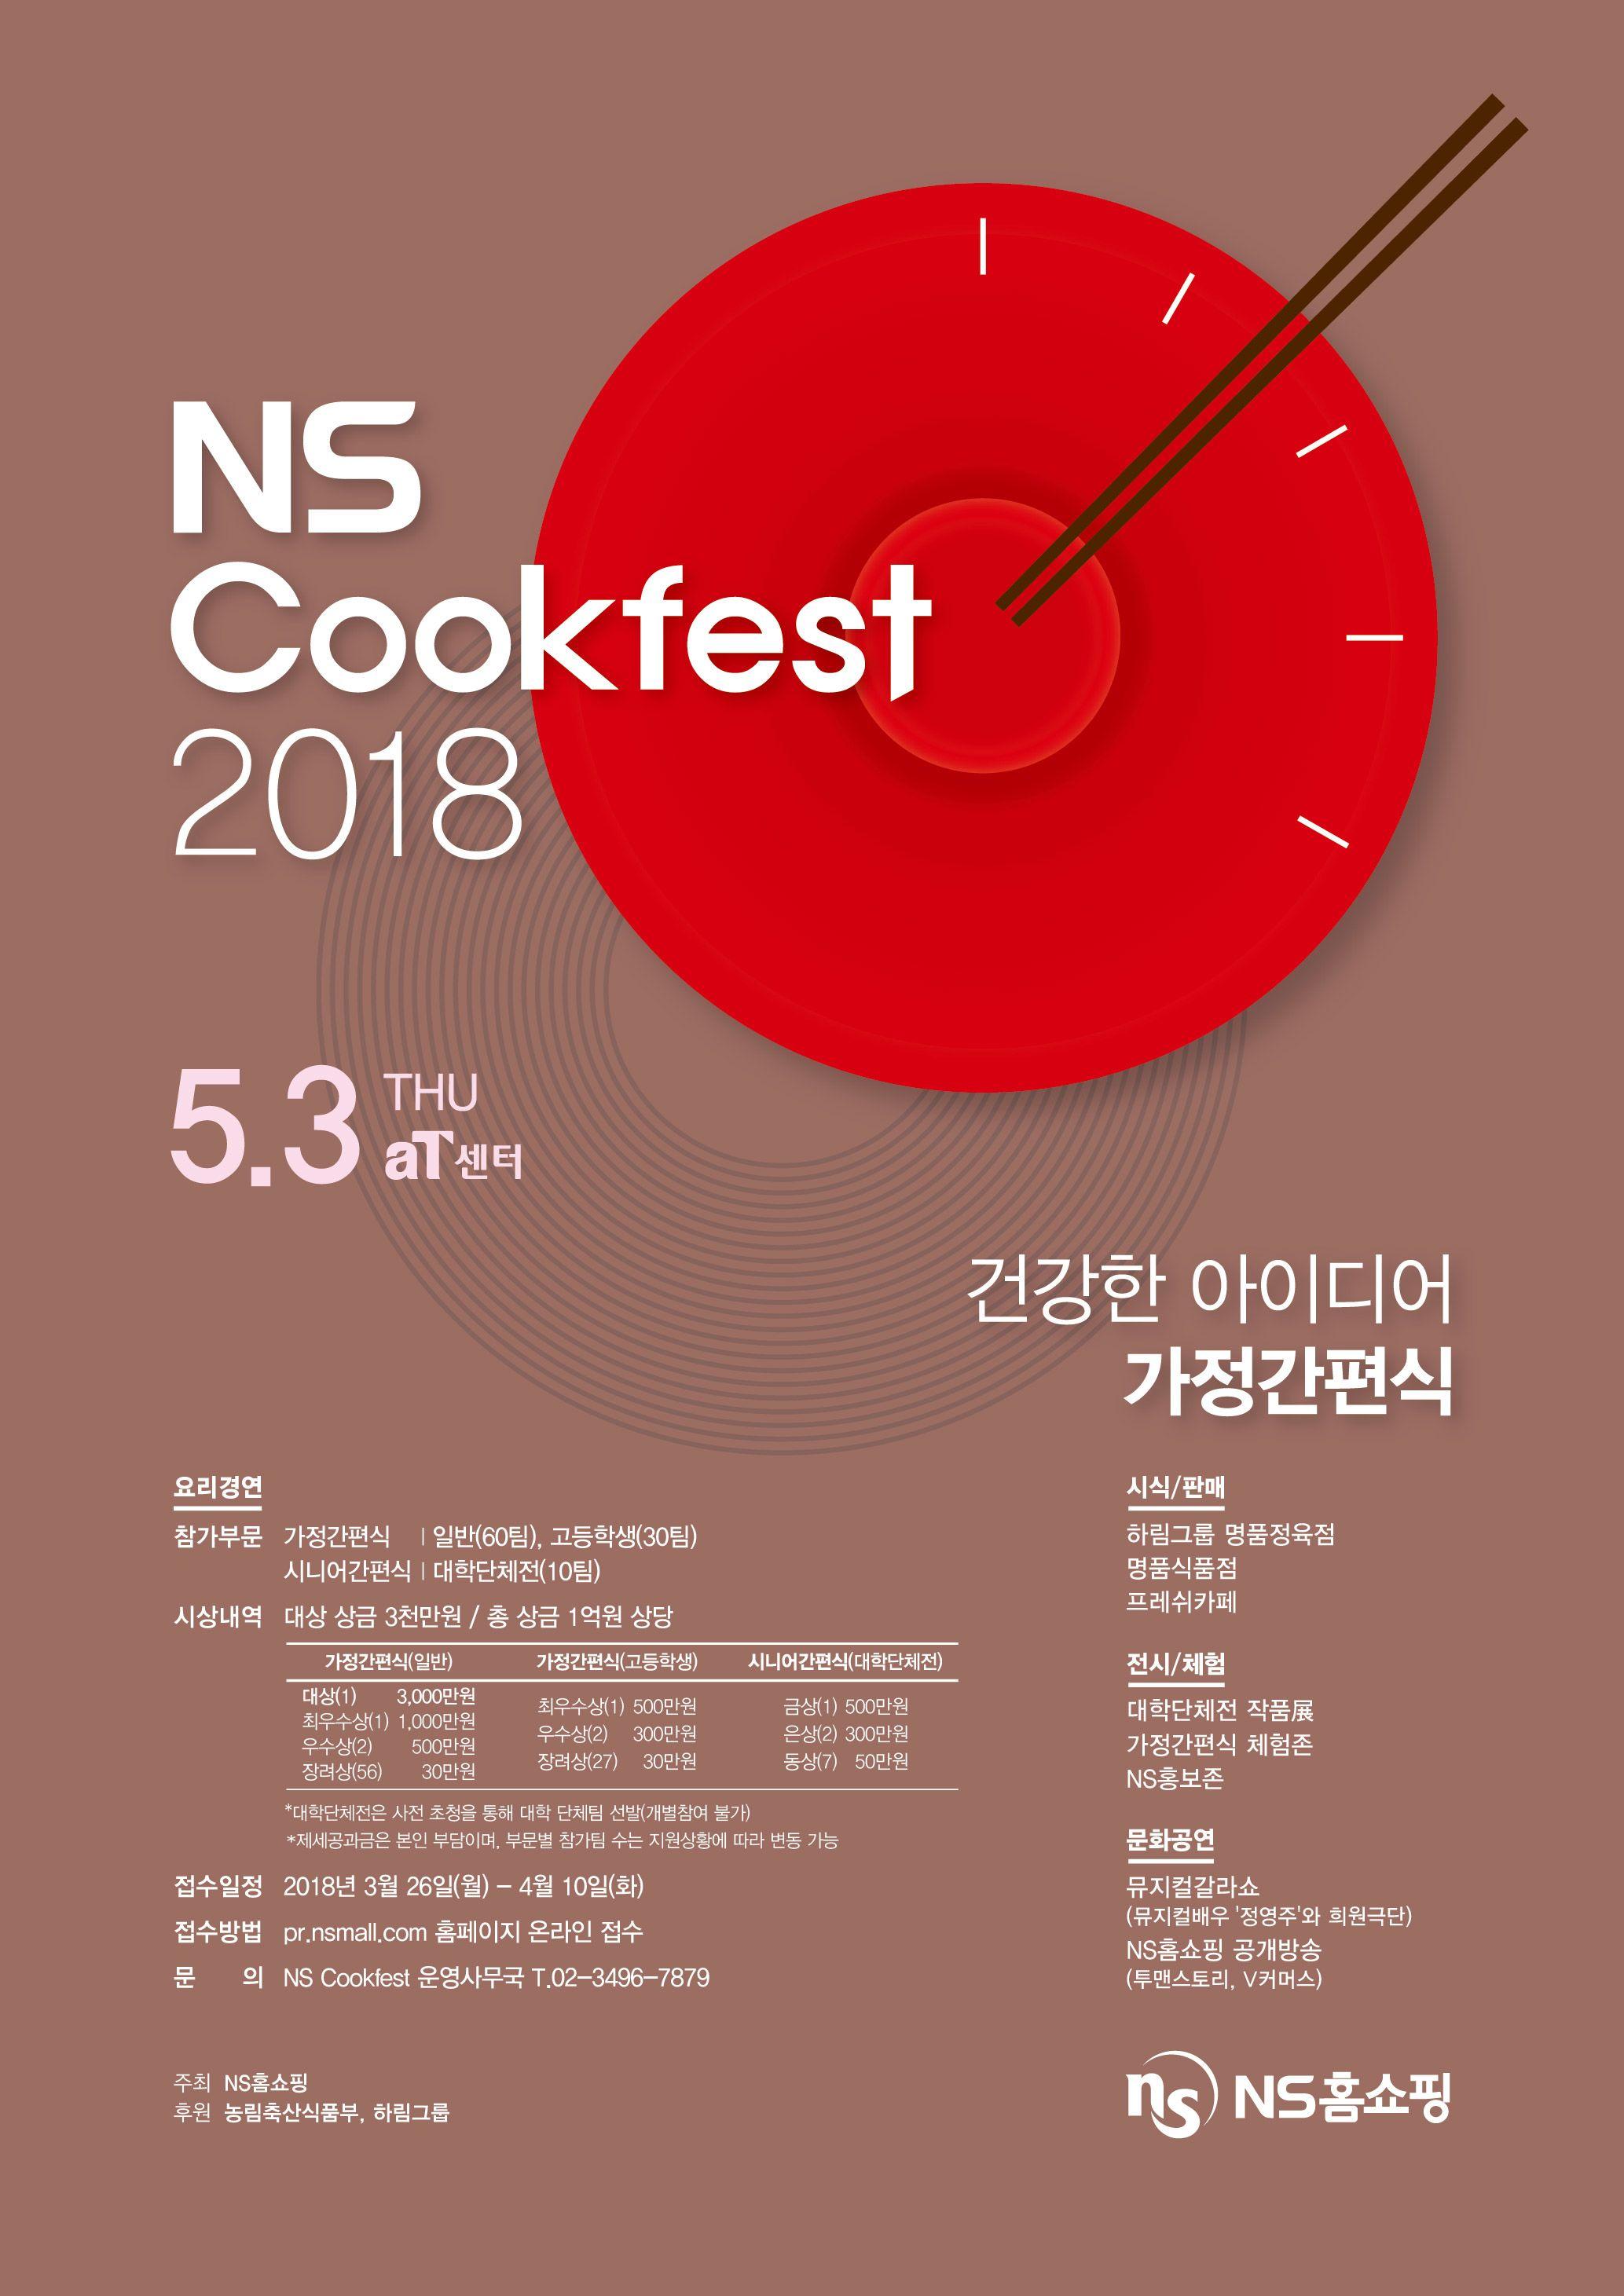 [nscookfest] NS Cookfest 2018